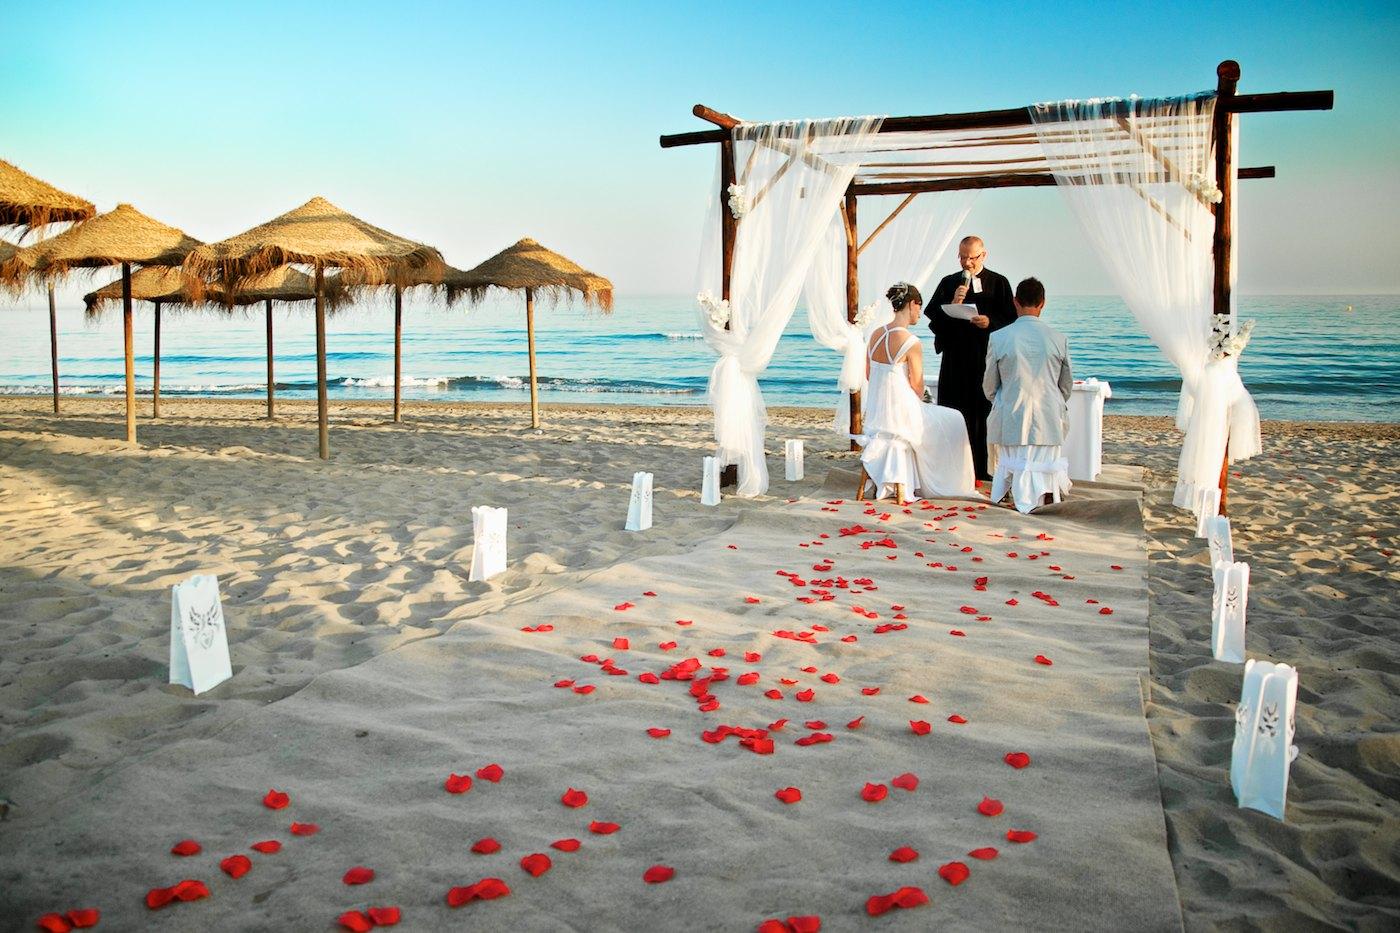 A dozen stunning beaches to tie the knot in Asia - Lifestyle Asia ...